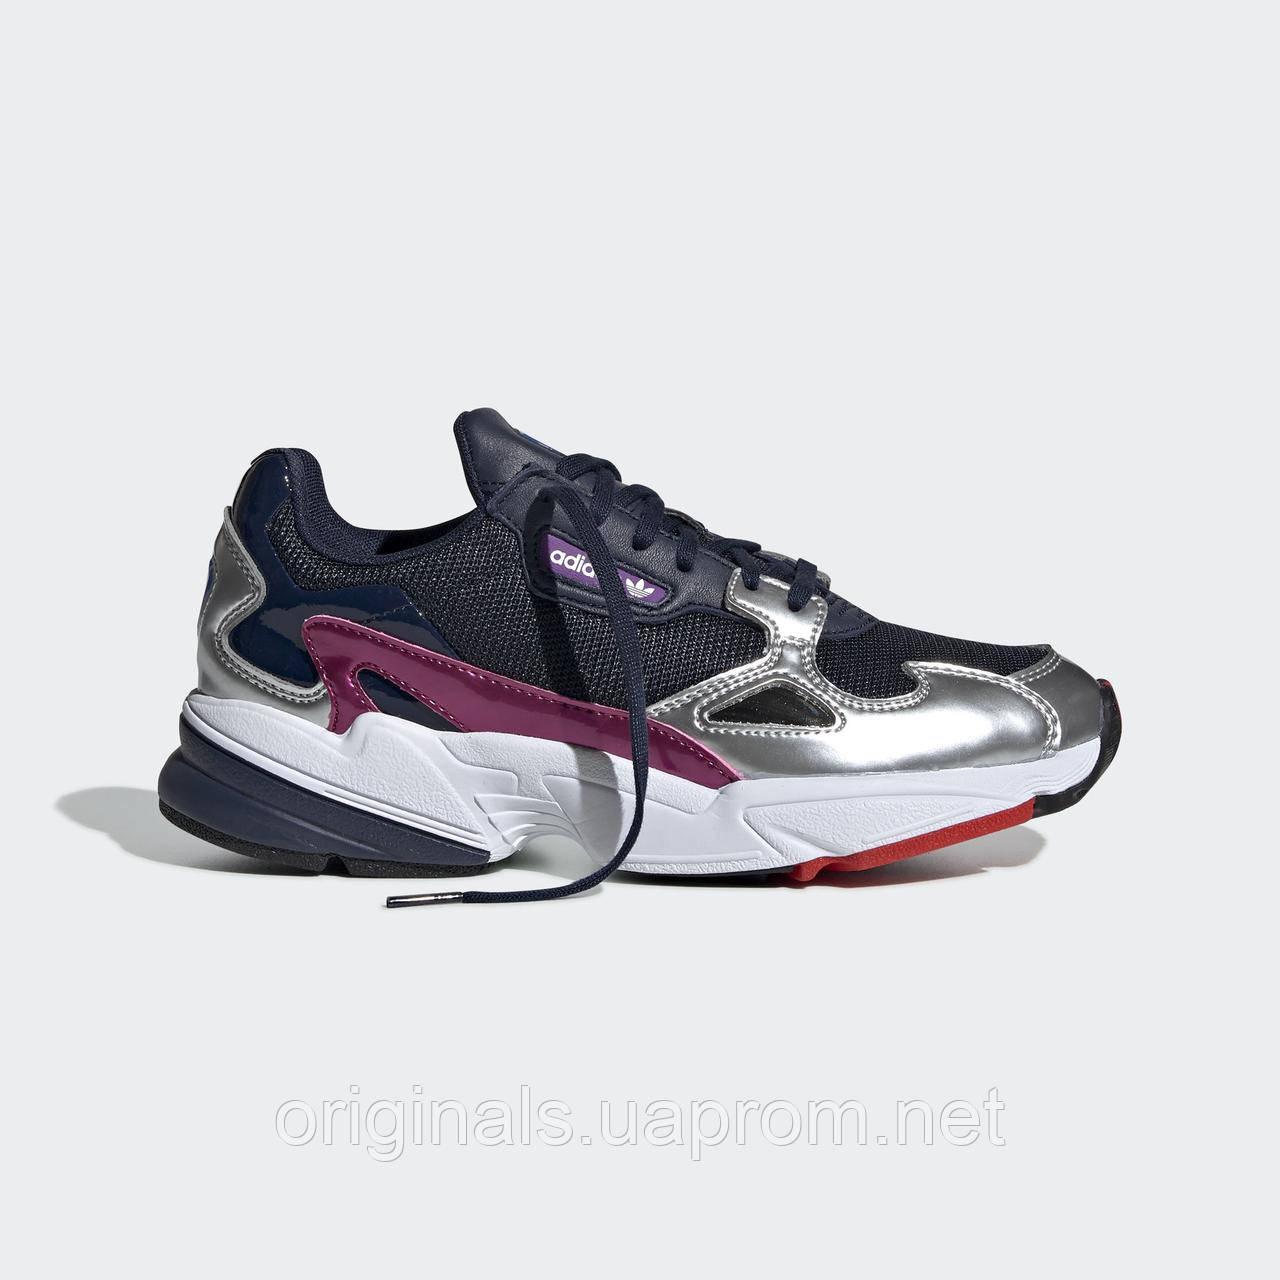 Женские кроссовки Adidas Falcon W CG6213